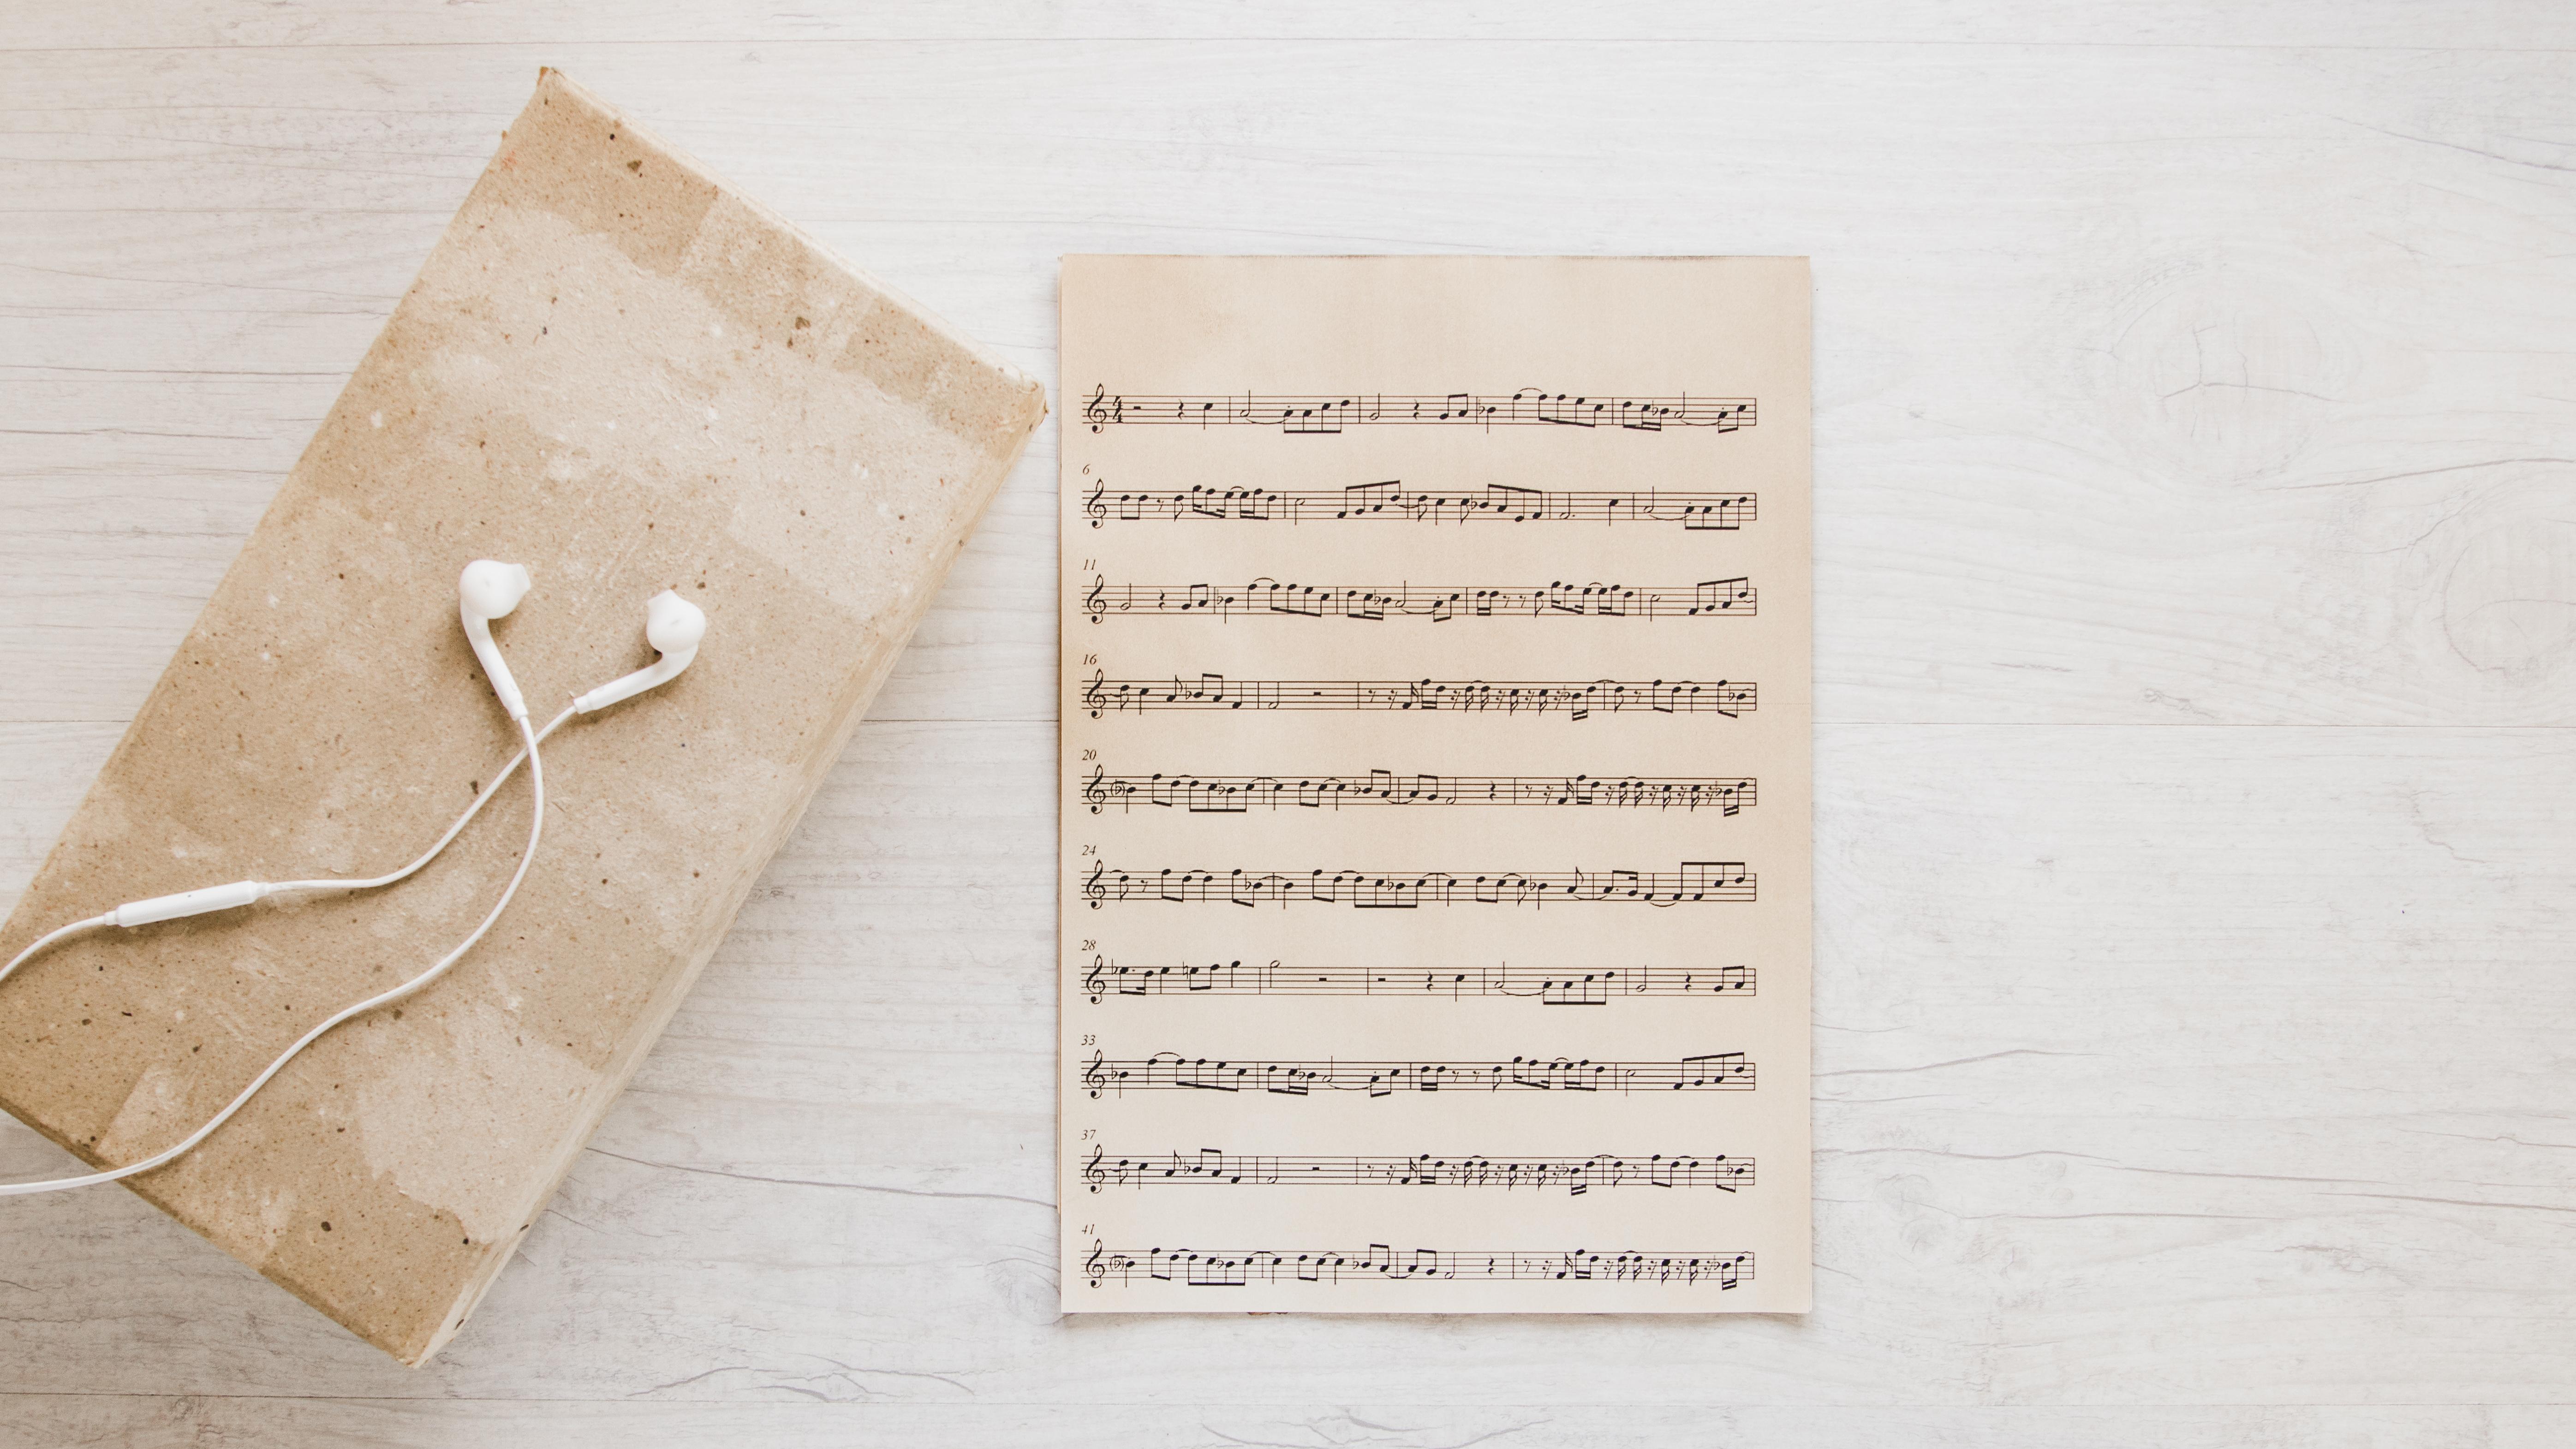 earphones-near-old-sheet-music